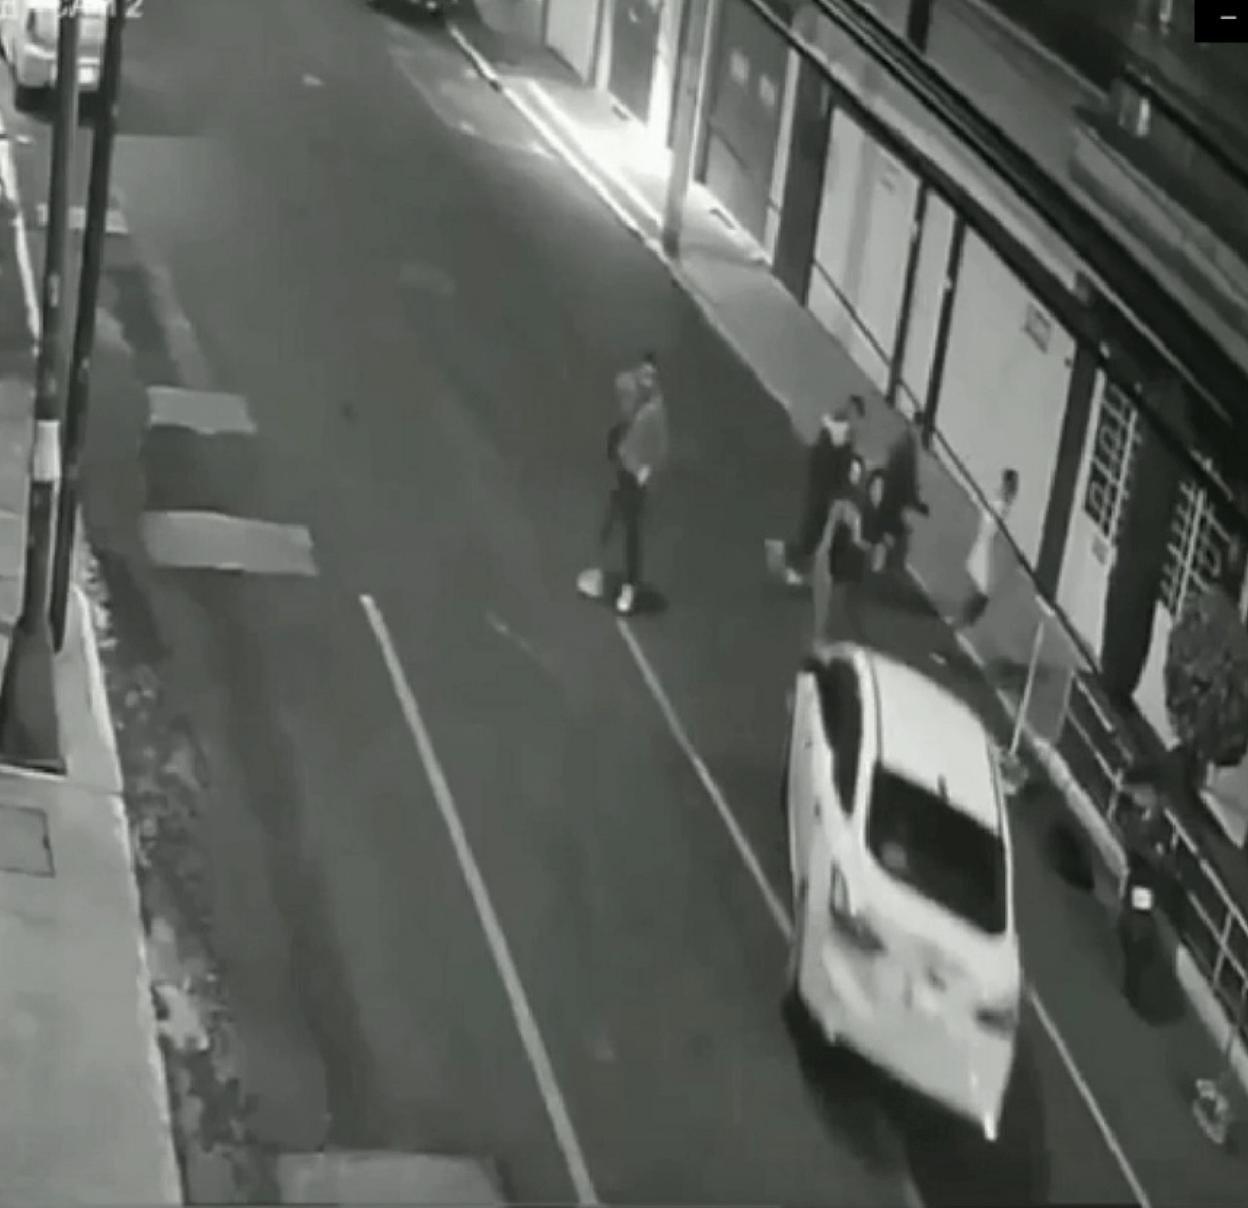 Buscan a sujeto que atropelló a dos jóvenes en la CDMX; ellas se encuentran graves